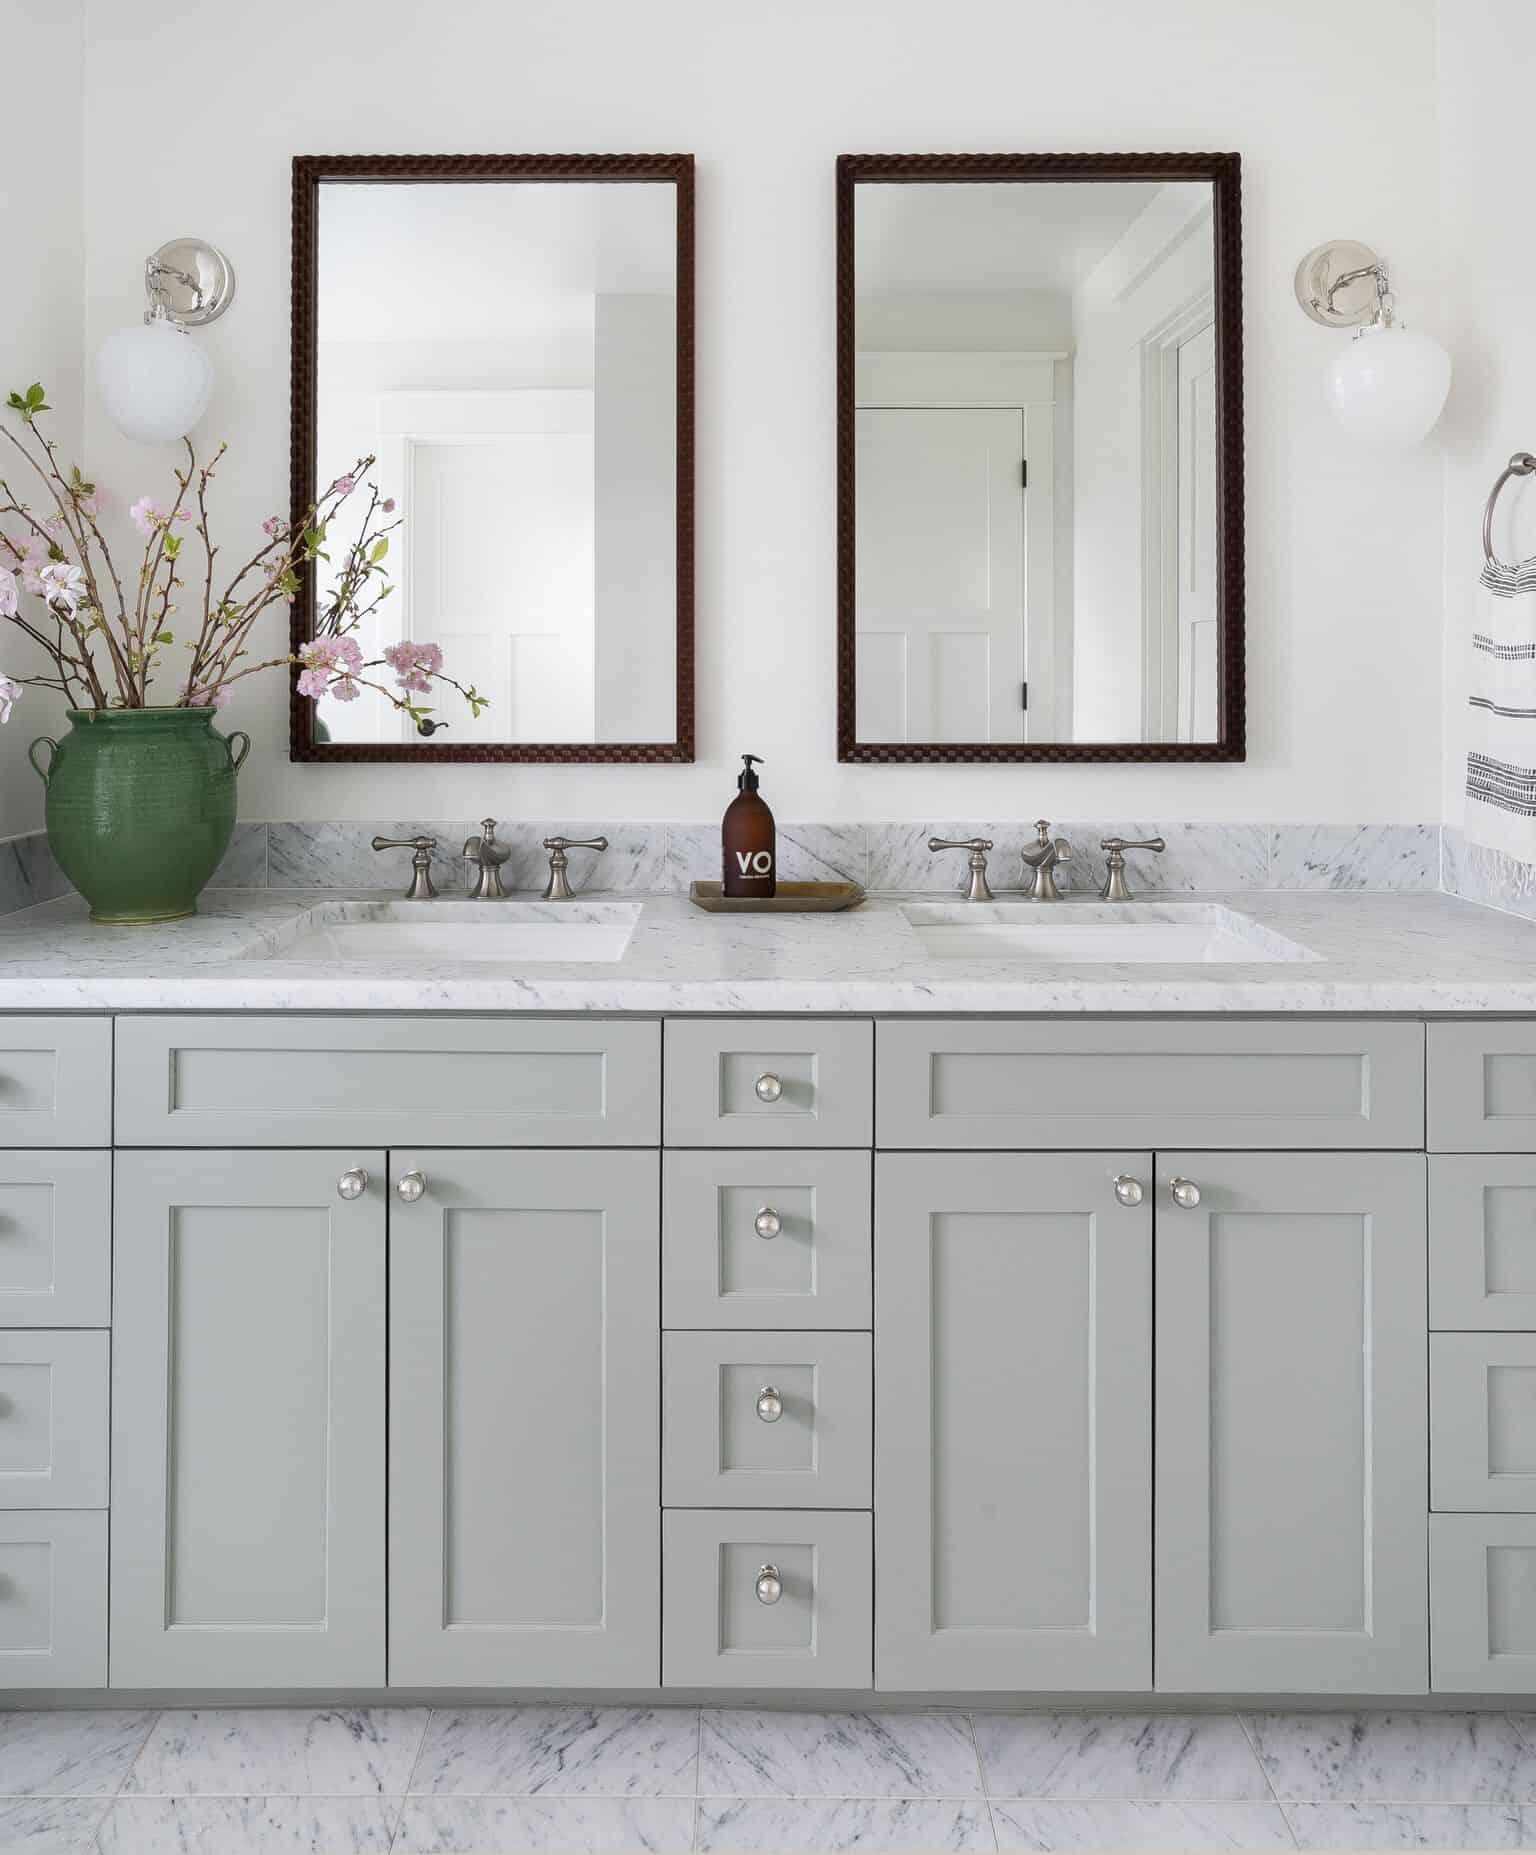 Heidi Caillier Design Seattle Interior Designer Bathroom